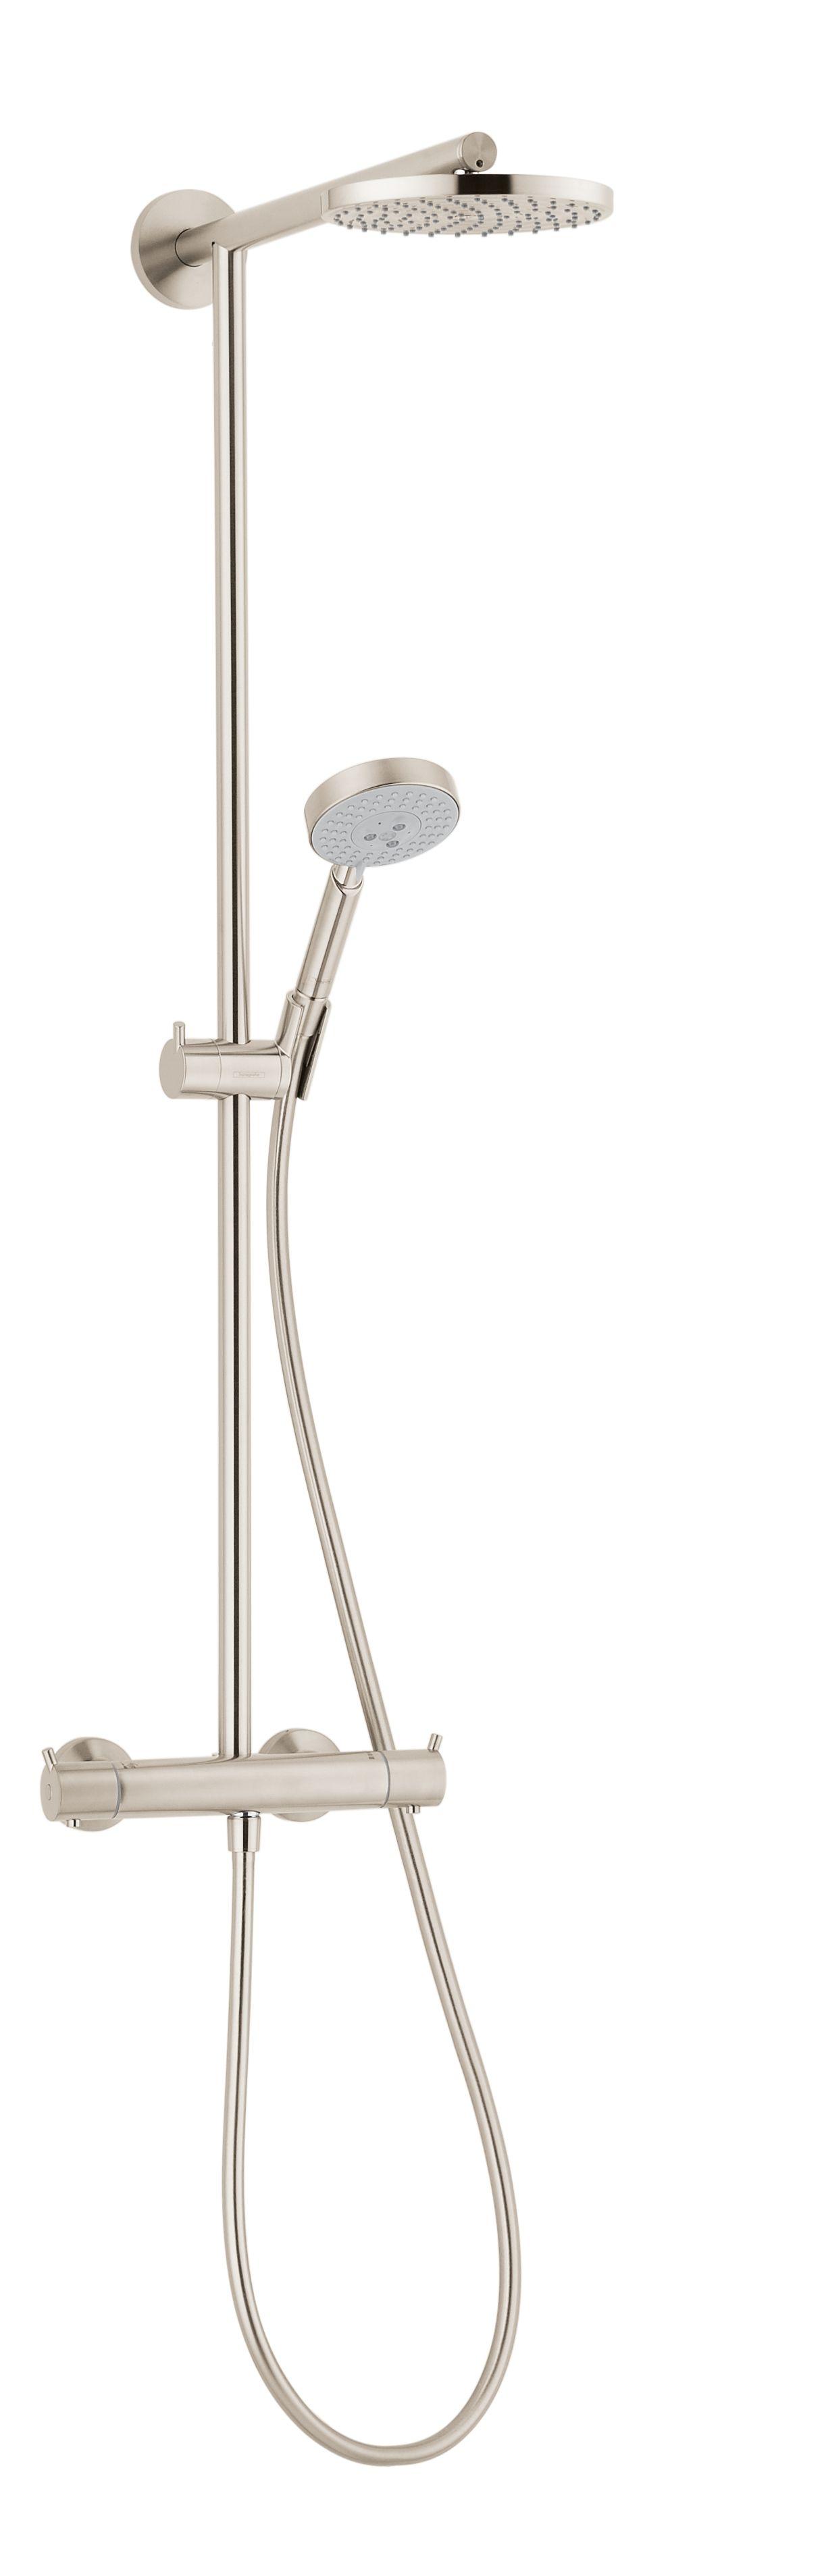 Hansgrohe 27165821 Brushed Nickel Raindance Showerpipe Shower System ...